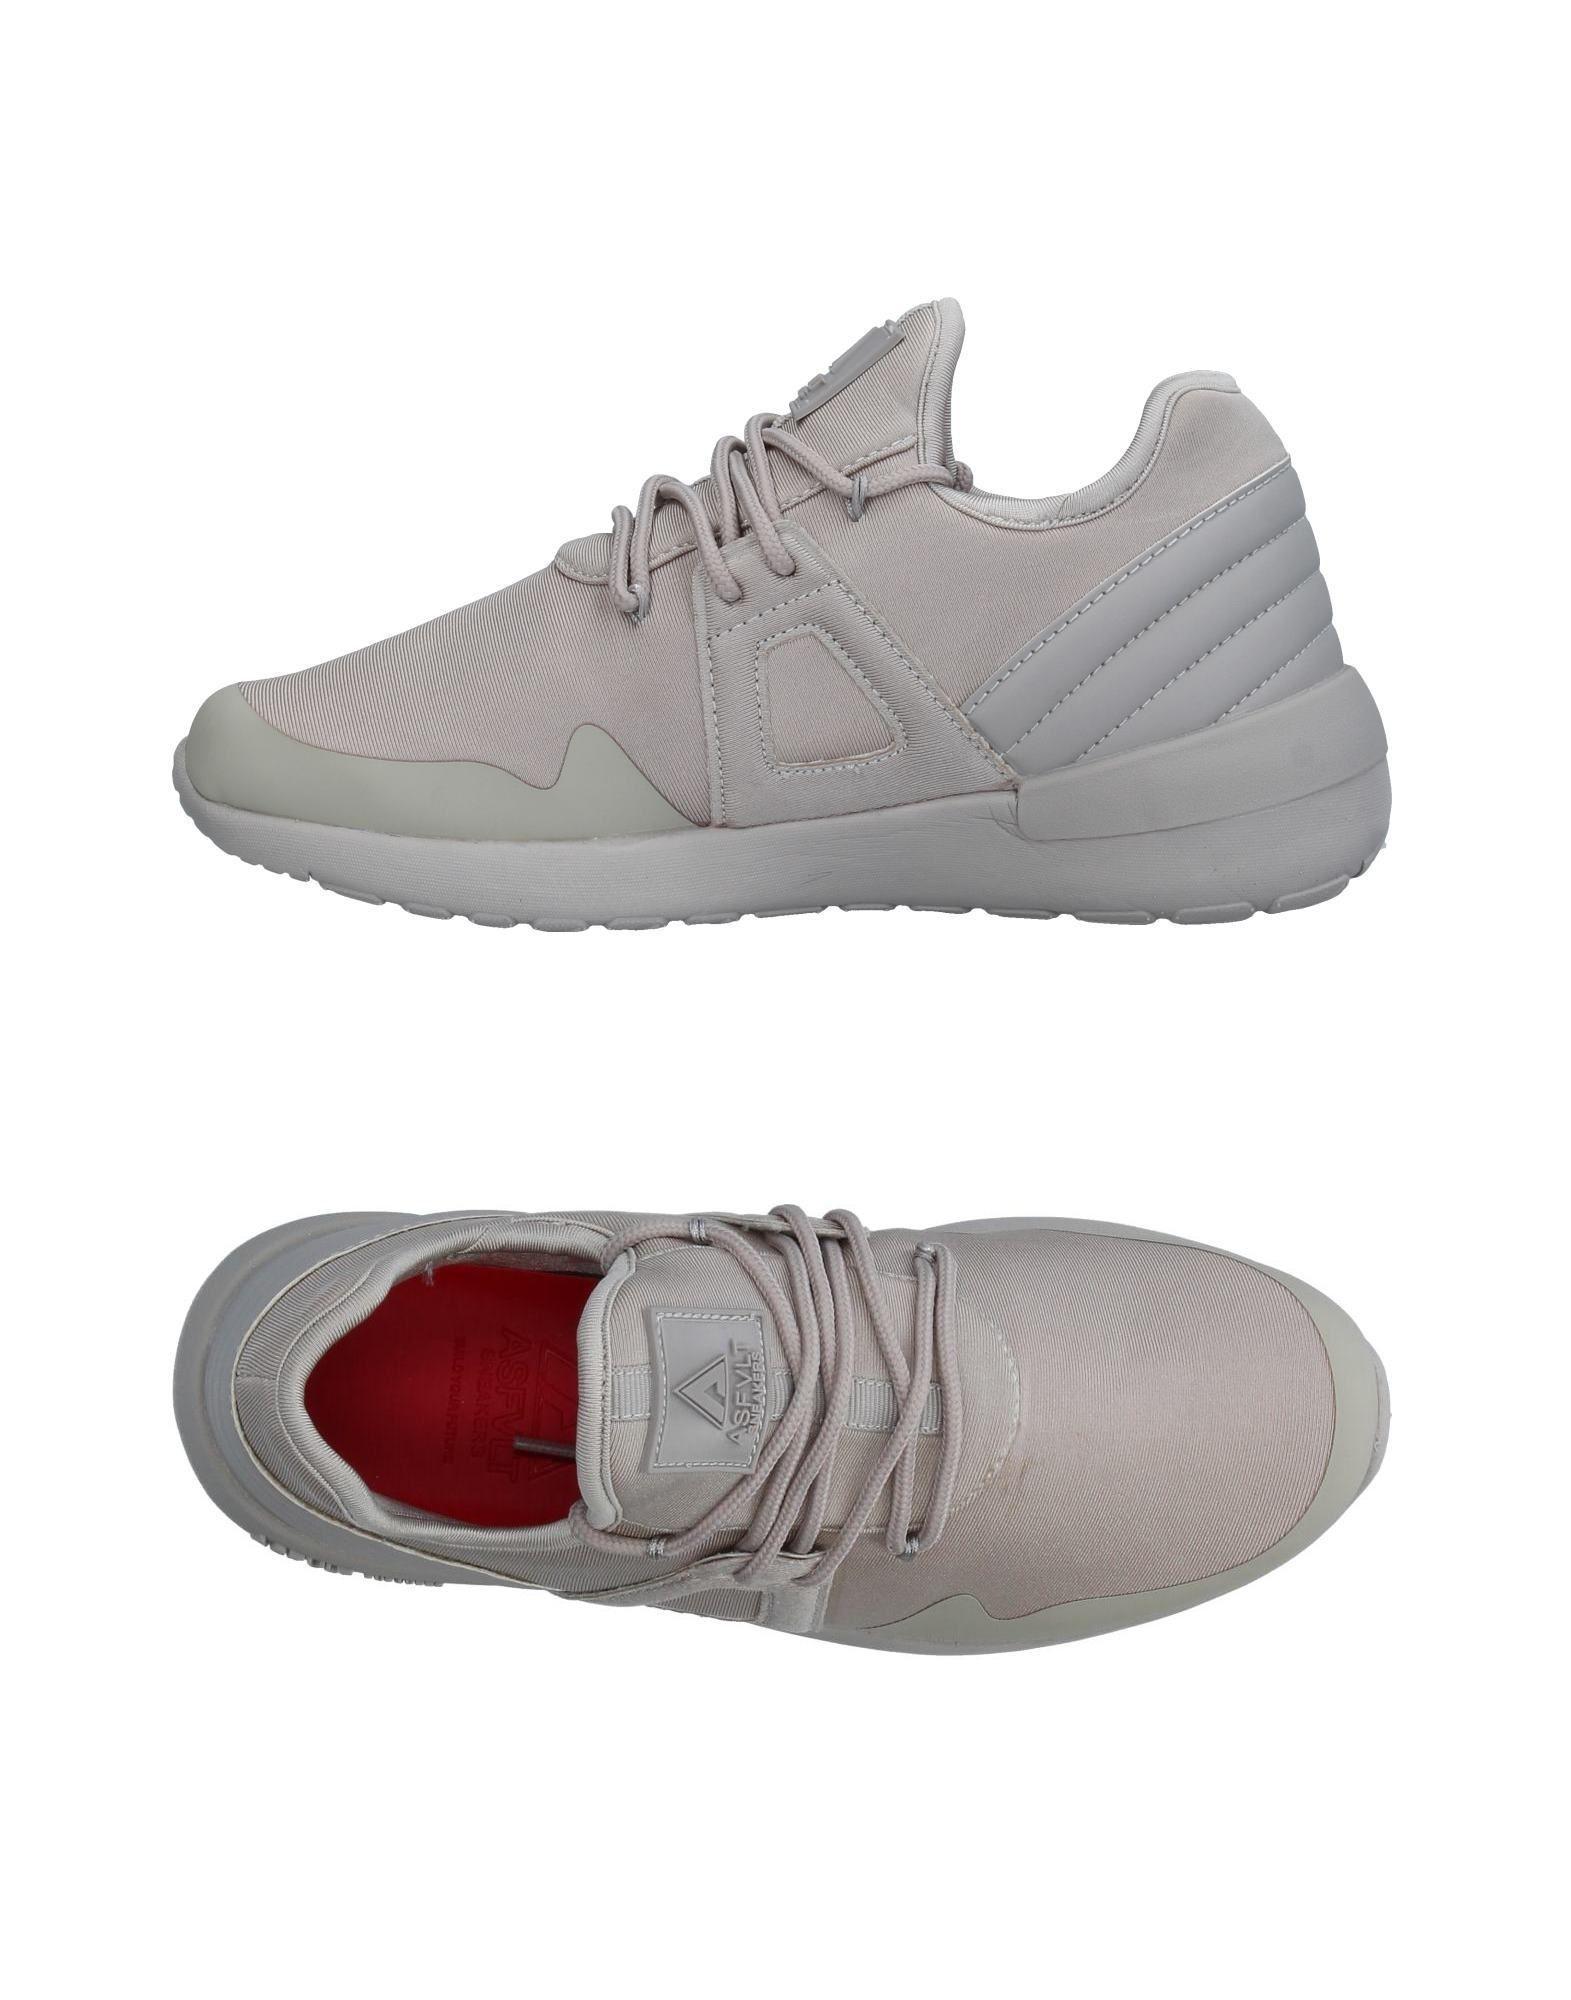 FOOTWEAR - Low-tops & sneakers Asfvlt Sneakers gEqSO